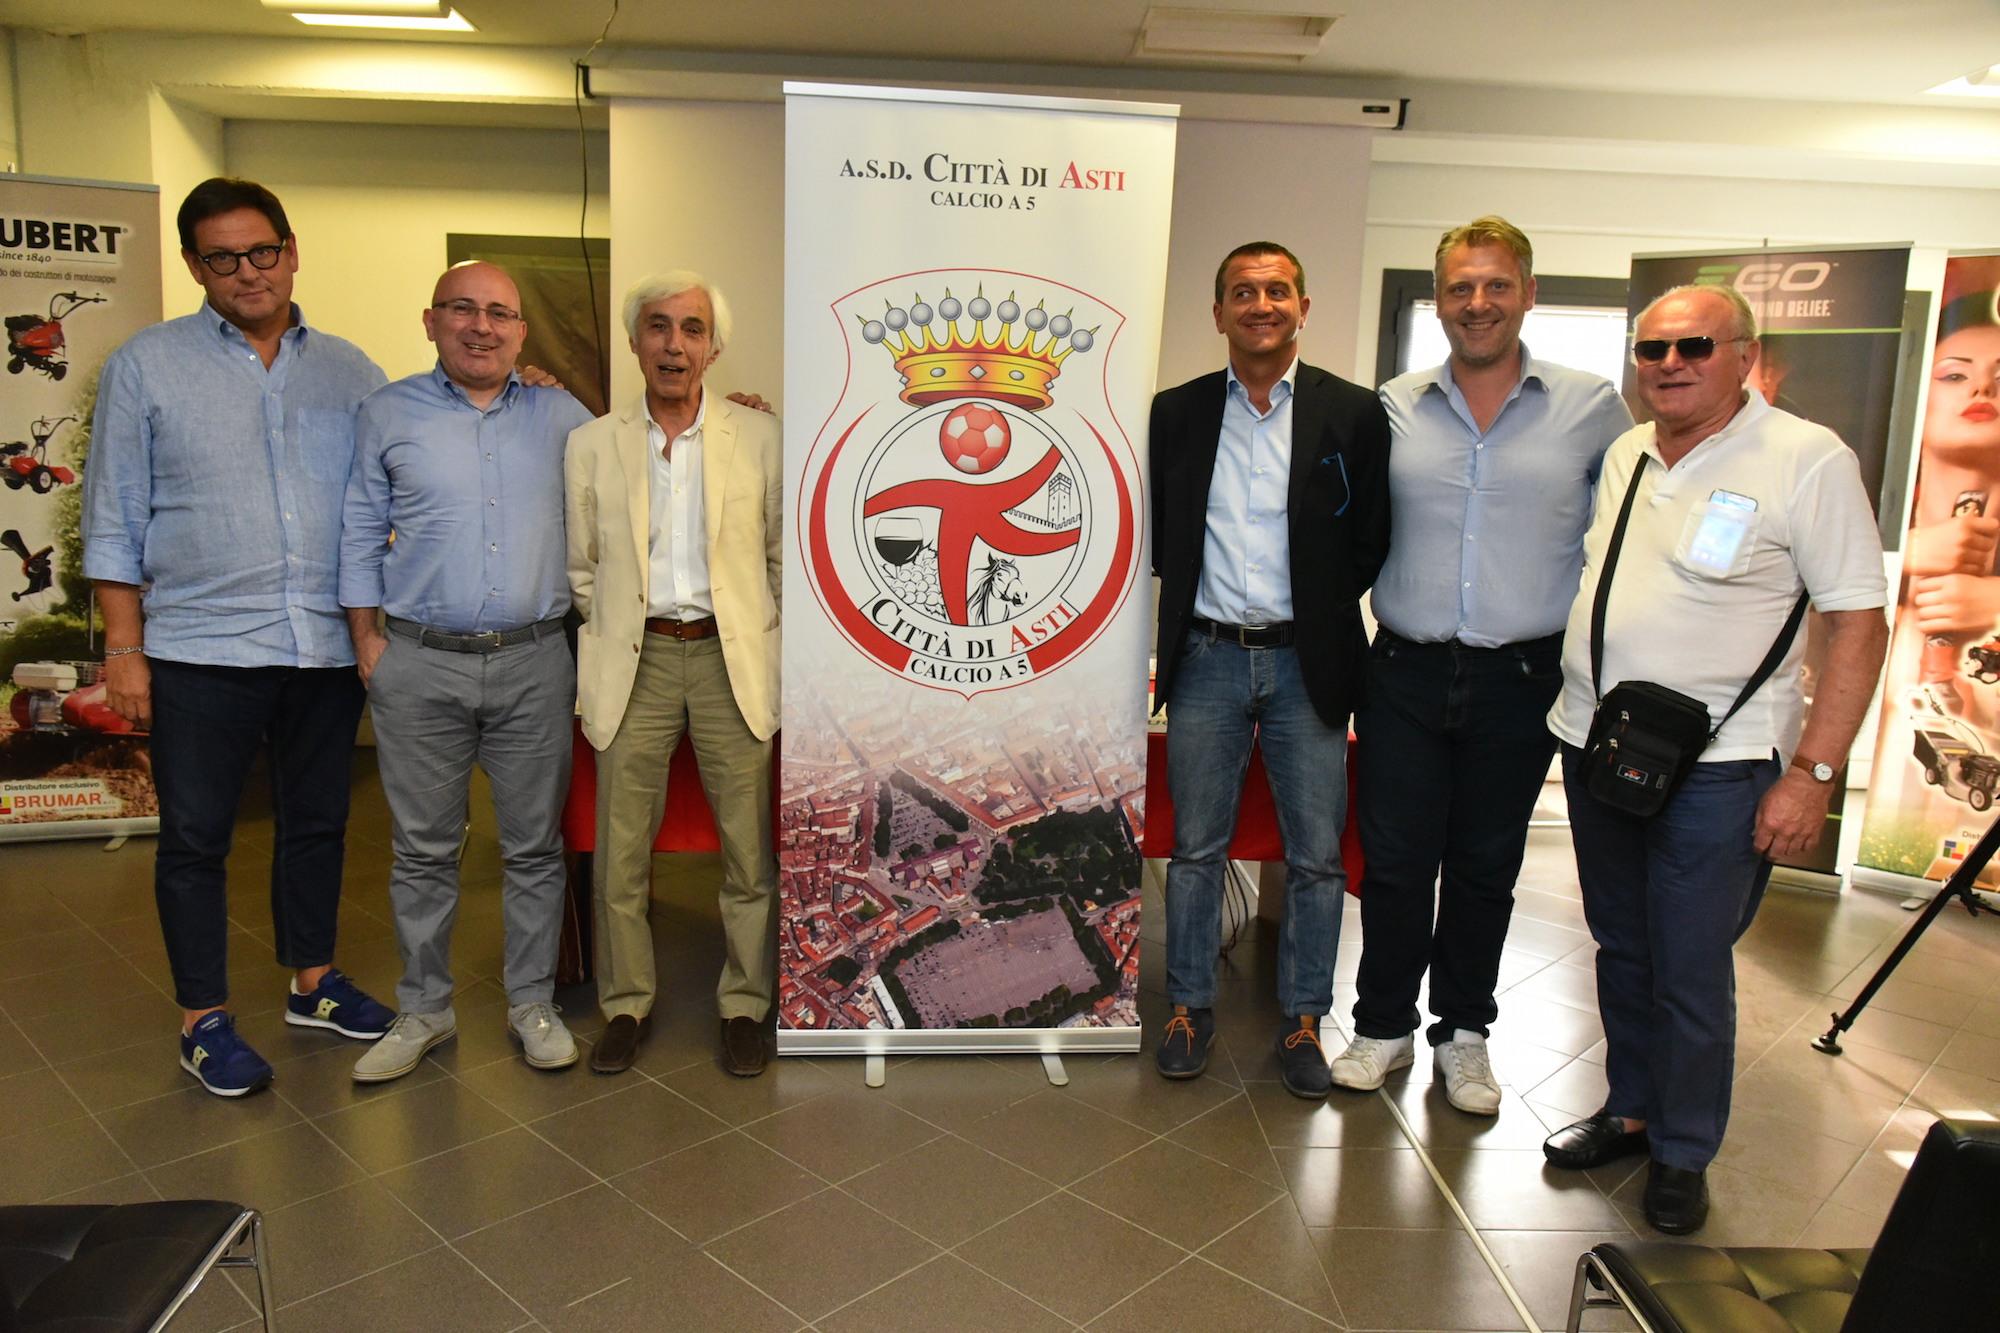 Futsal. Si riparte con la Città di Asti Calcio a 5